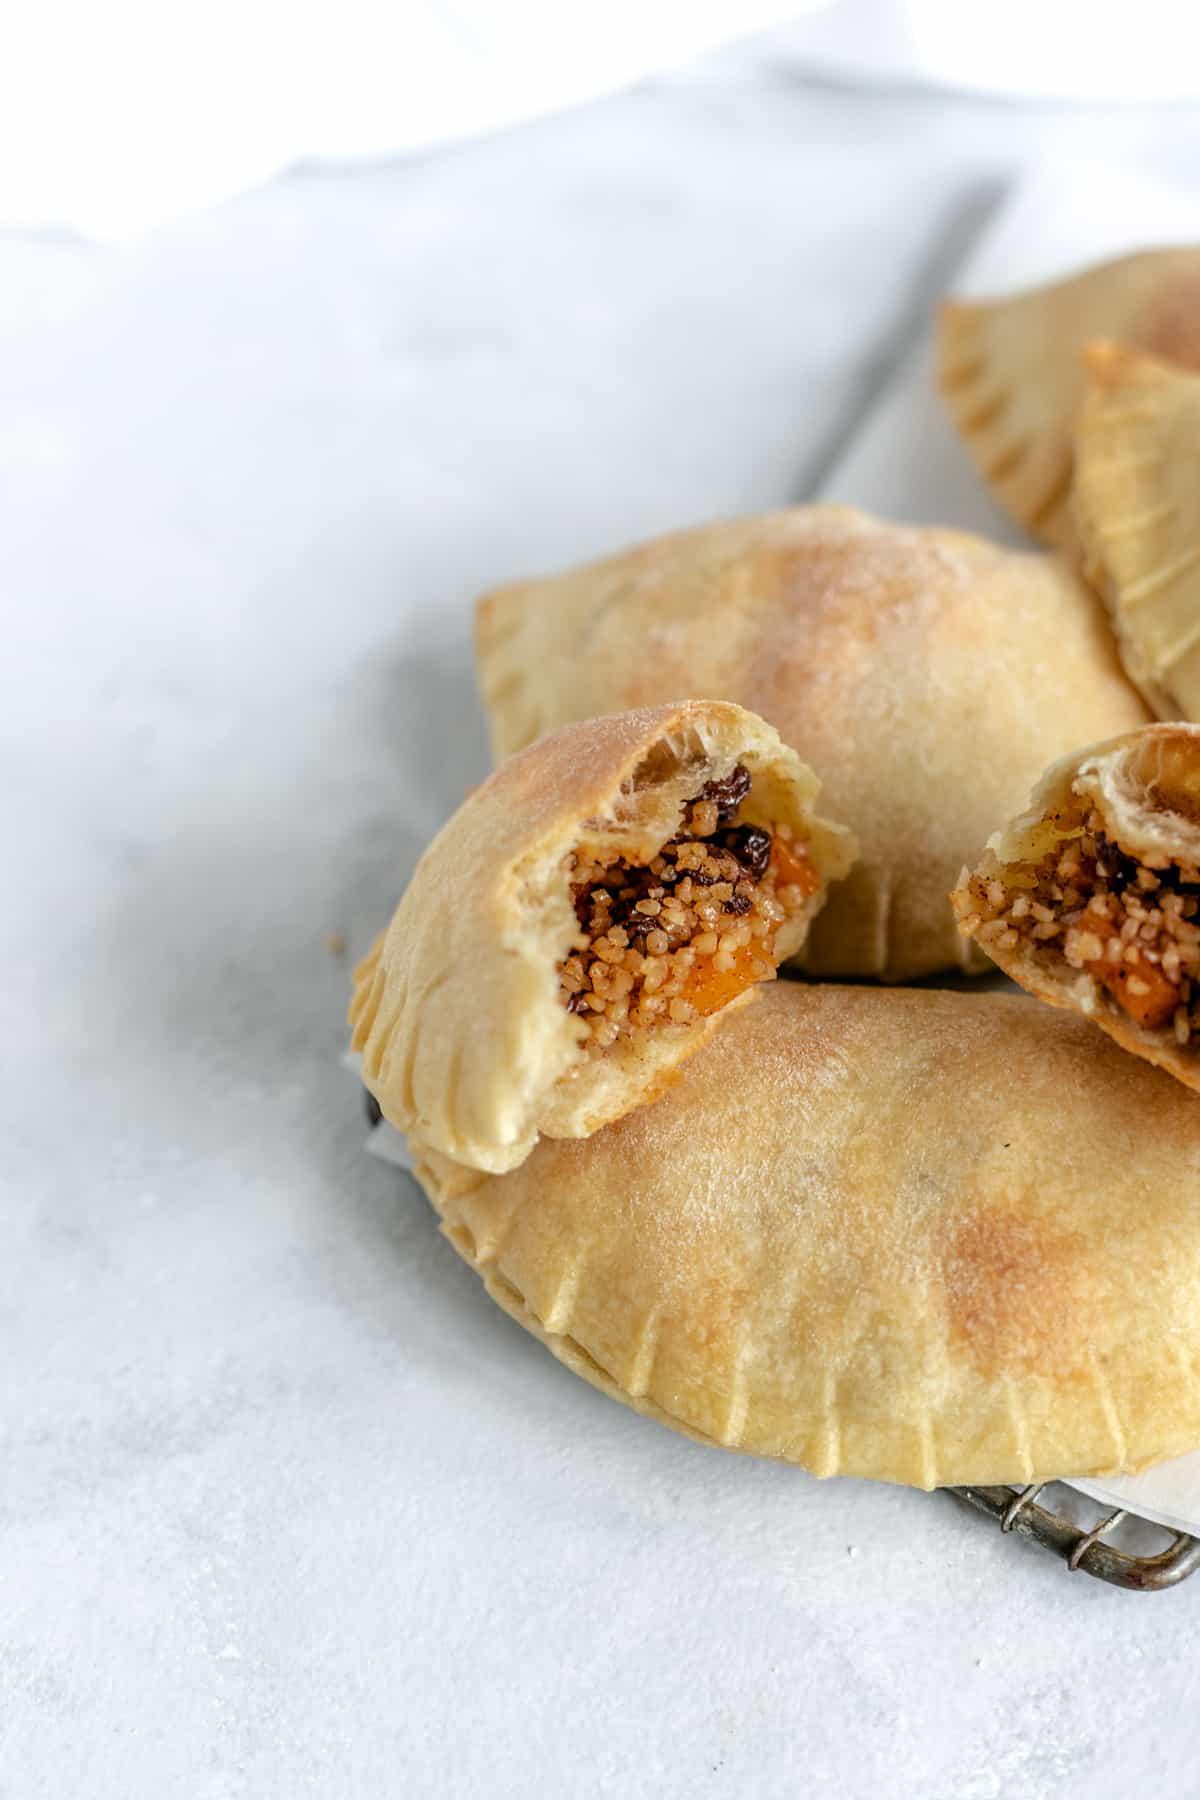 Kolokotes - Cypriot Pumpkin Pie filled with bulgur, pumpkin, and raisins